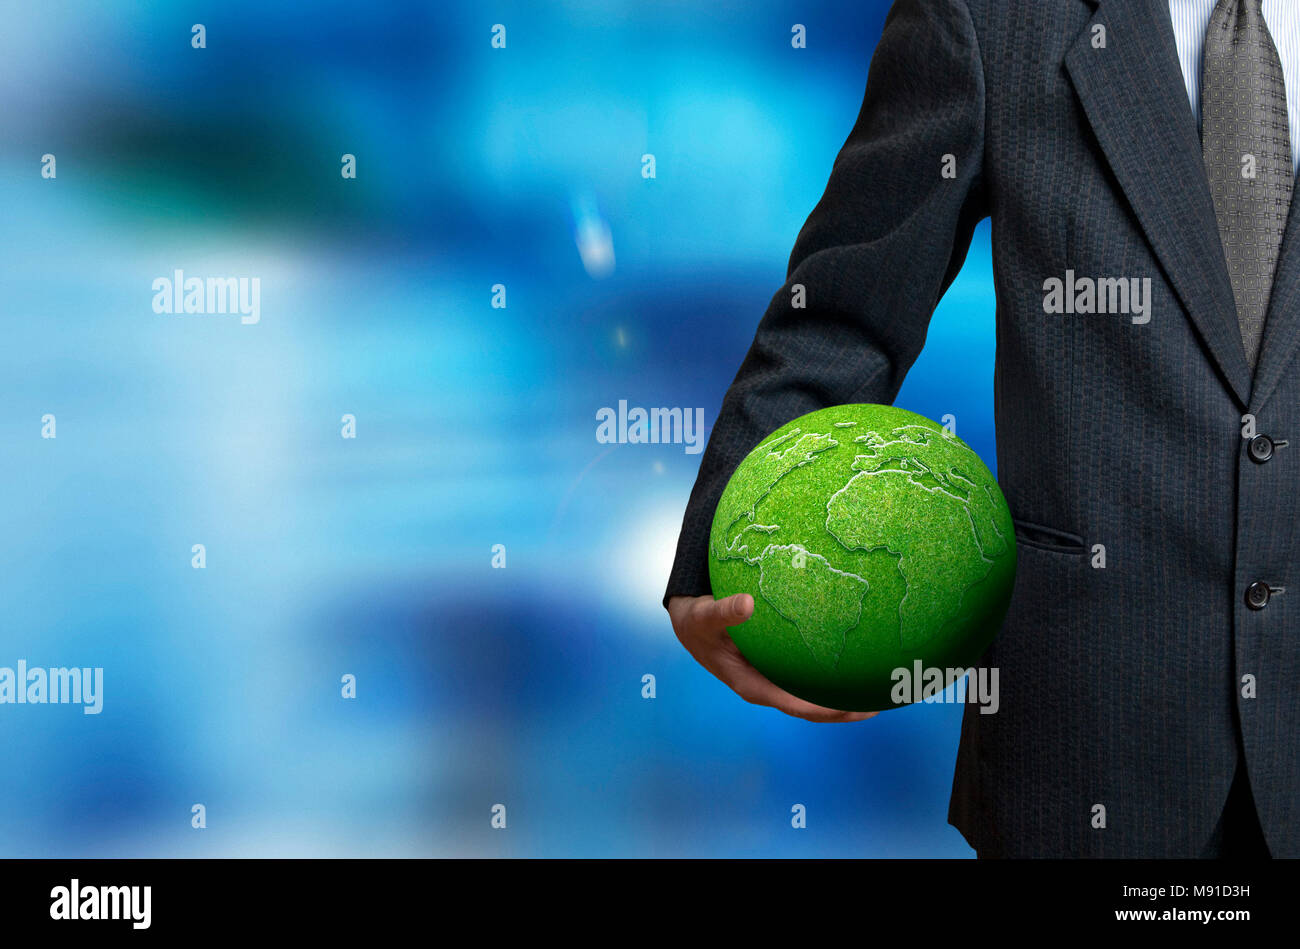 Homme tenant une terre verte - concept de responsabilité sociale des entreprises Photo Stock